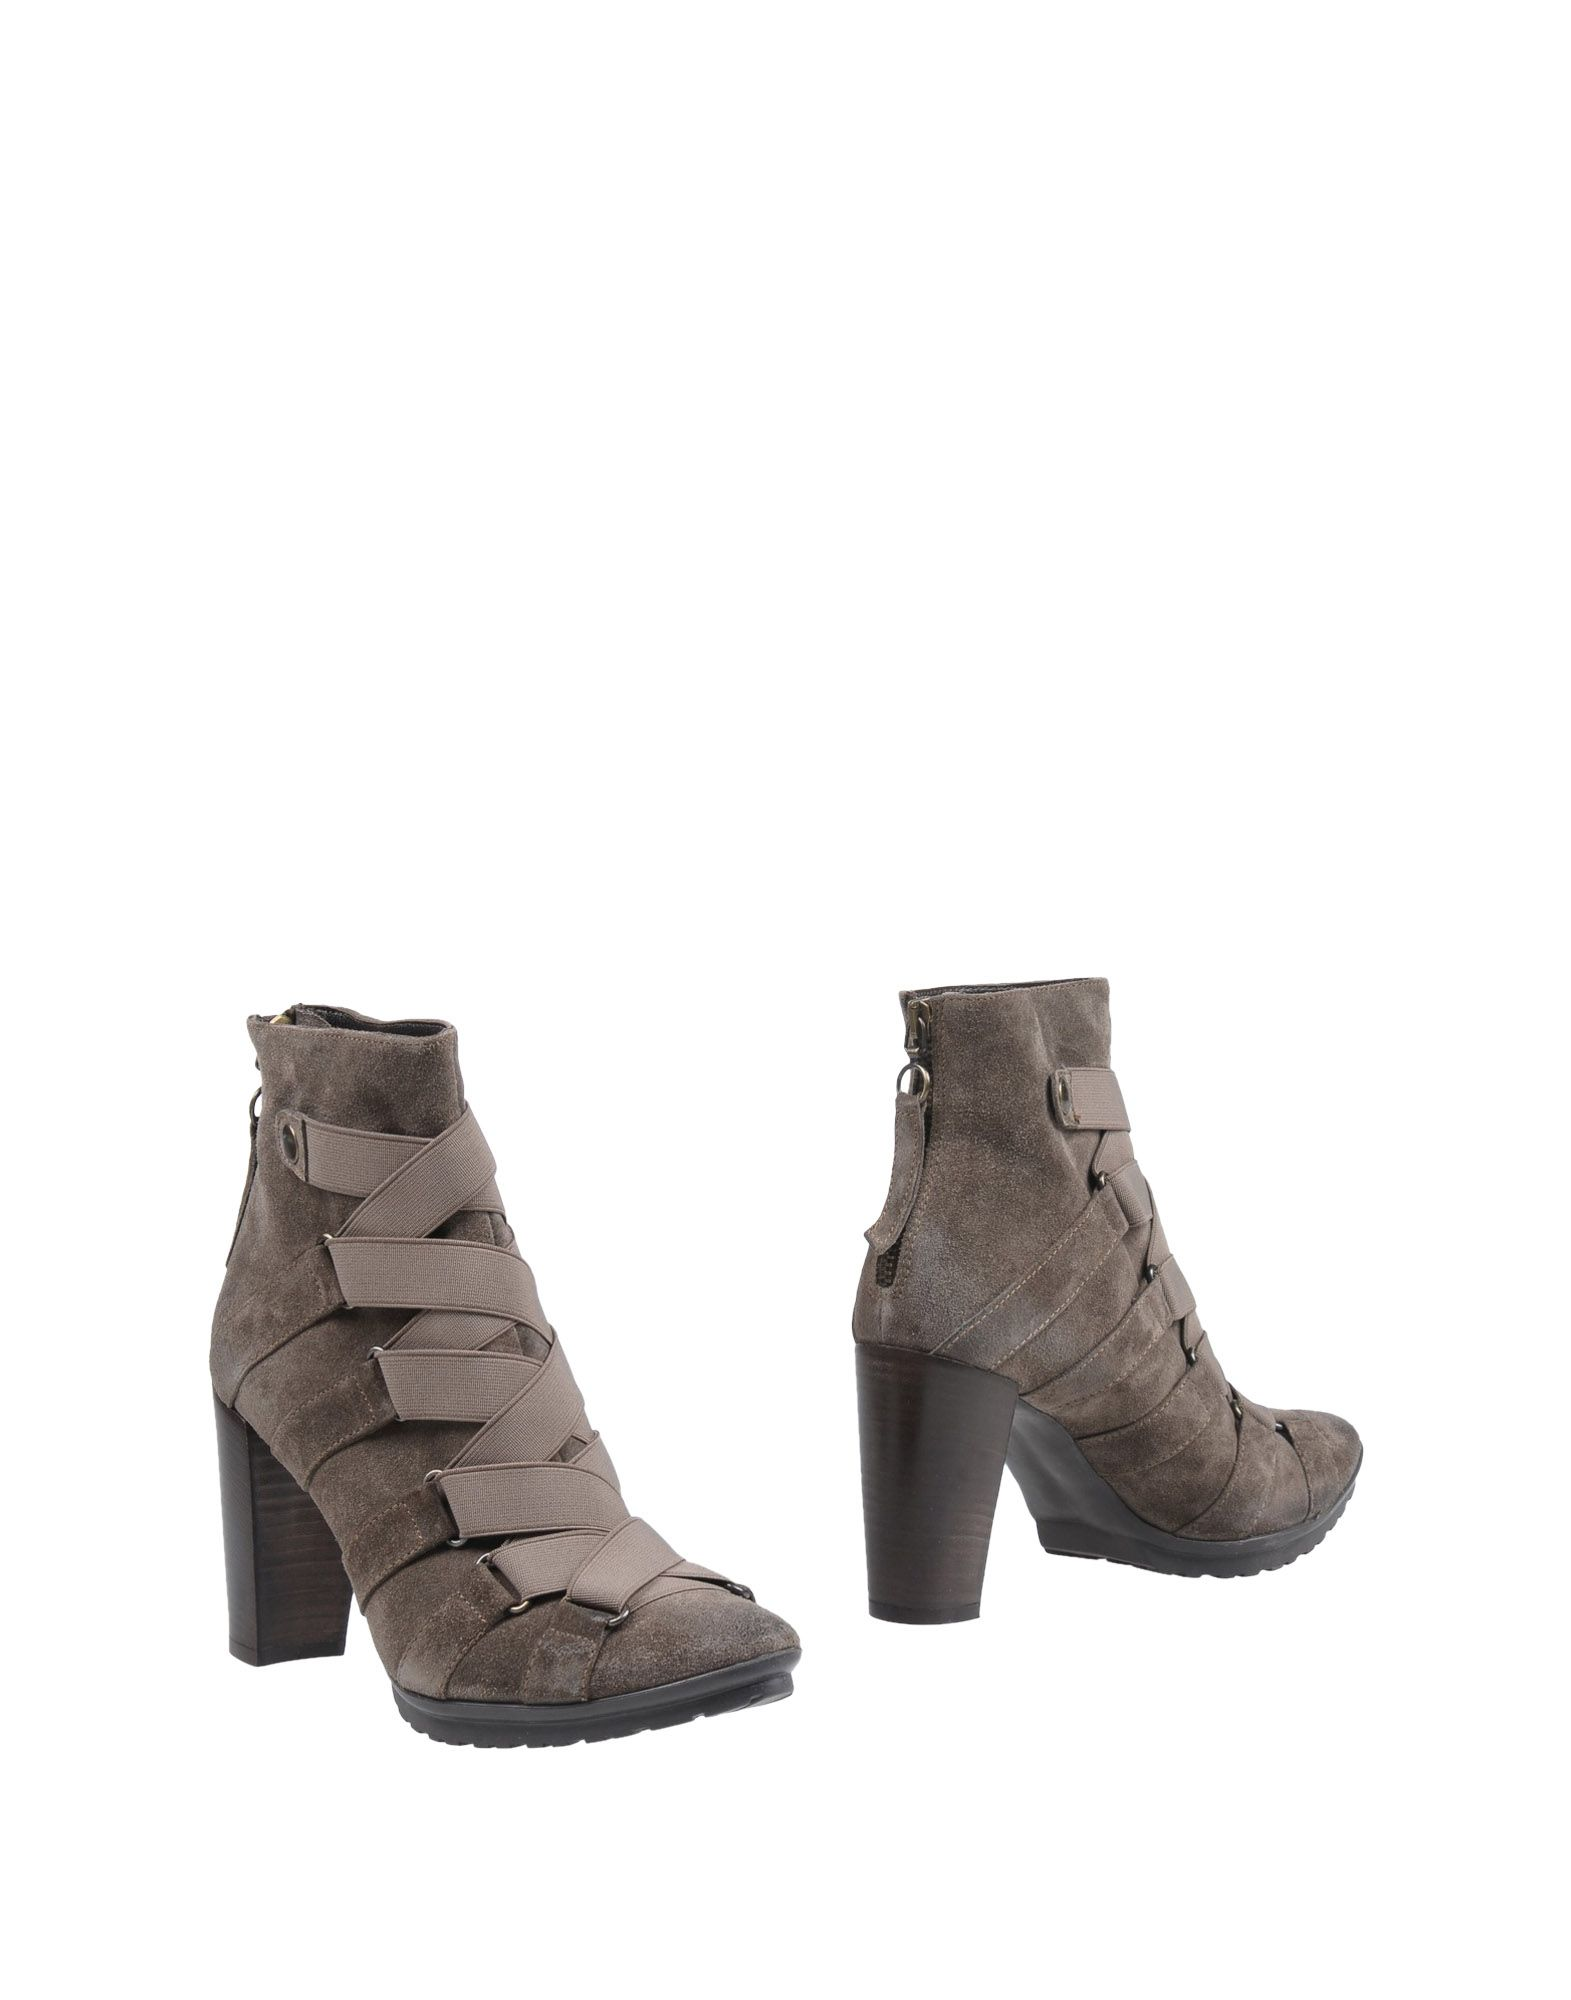 Garrice Stiefelette Damen  11421264QB Gute Qualität beliebte Schuhe